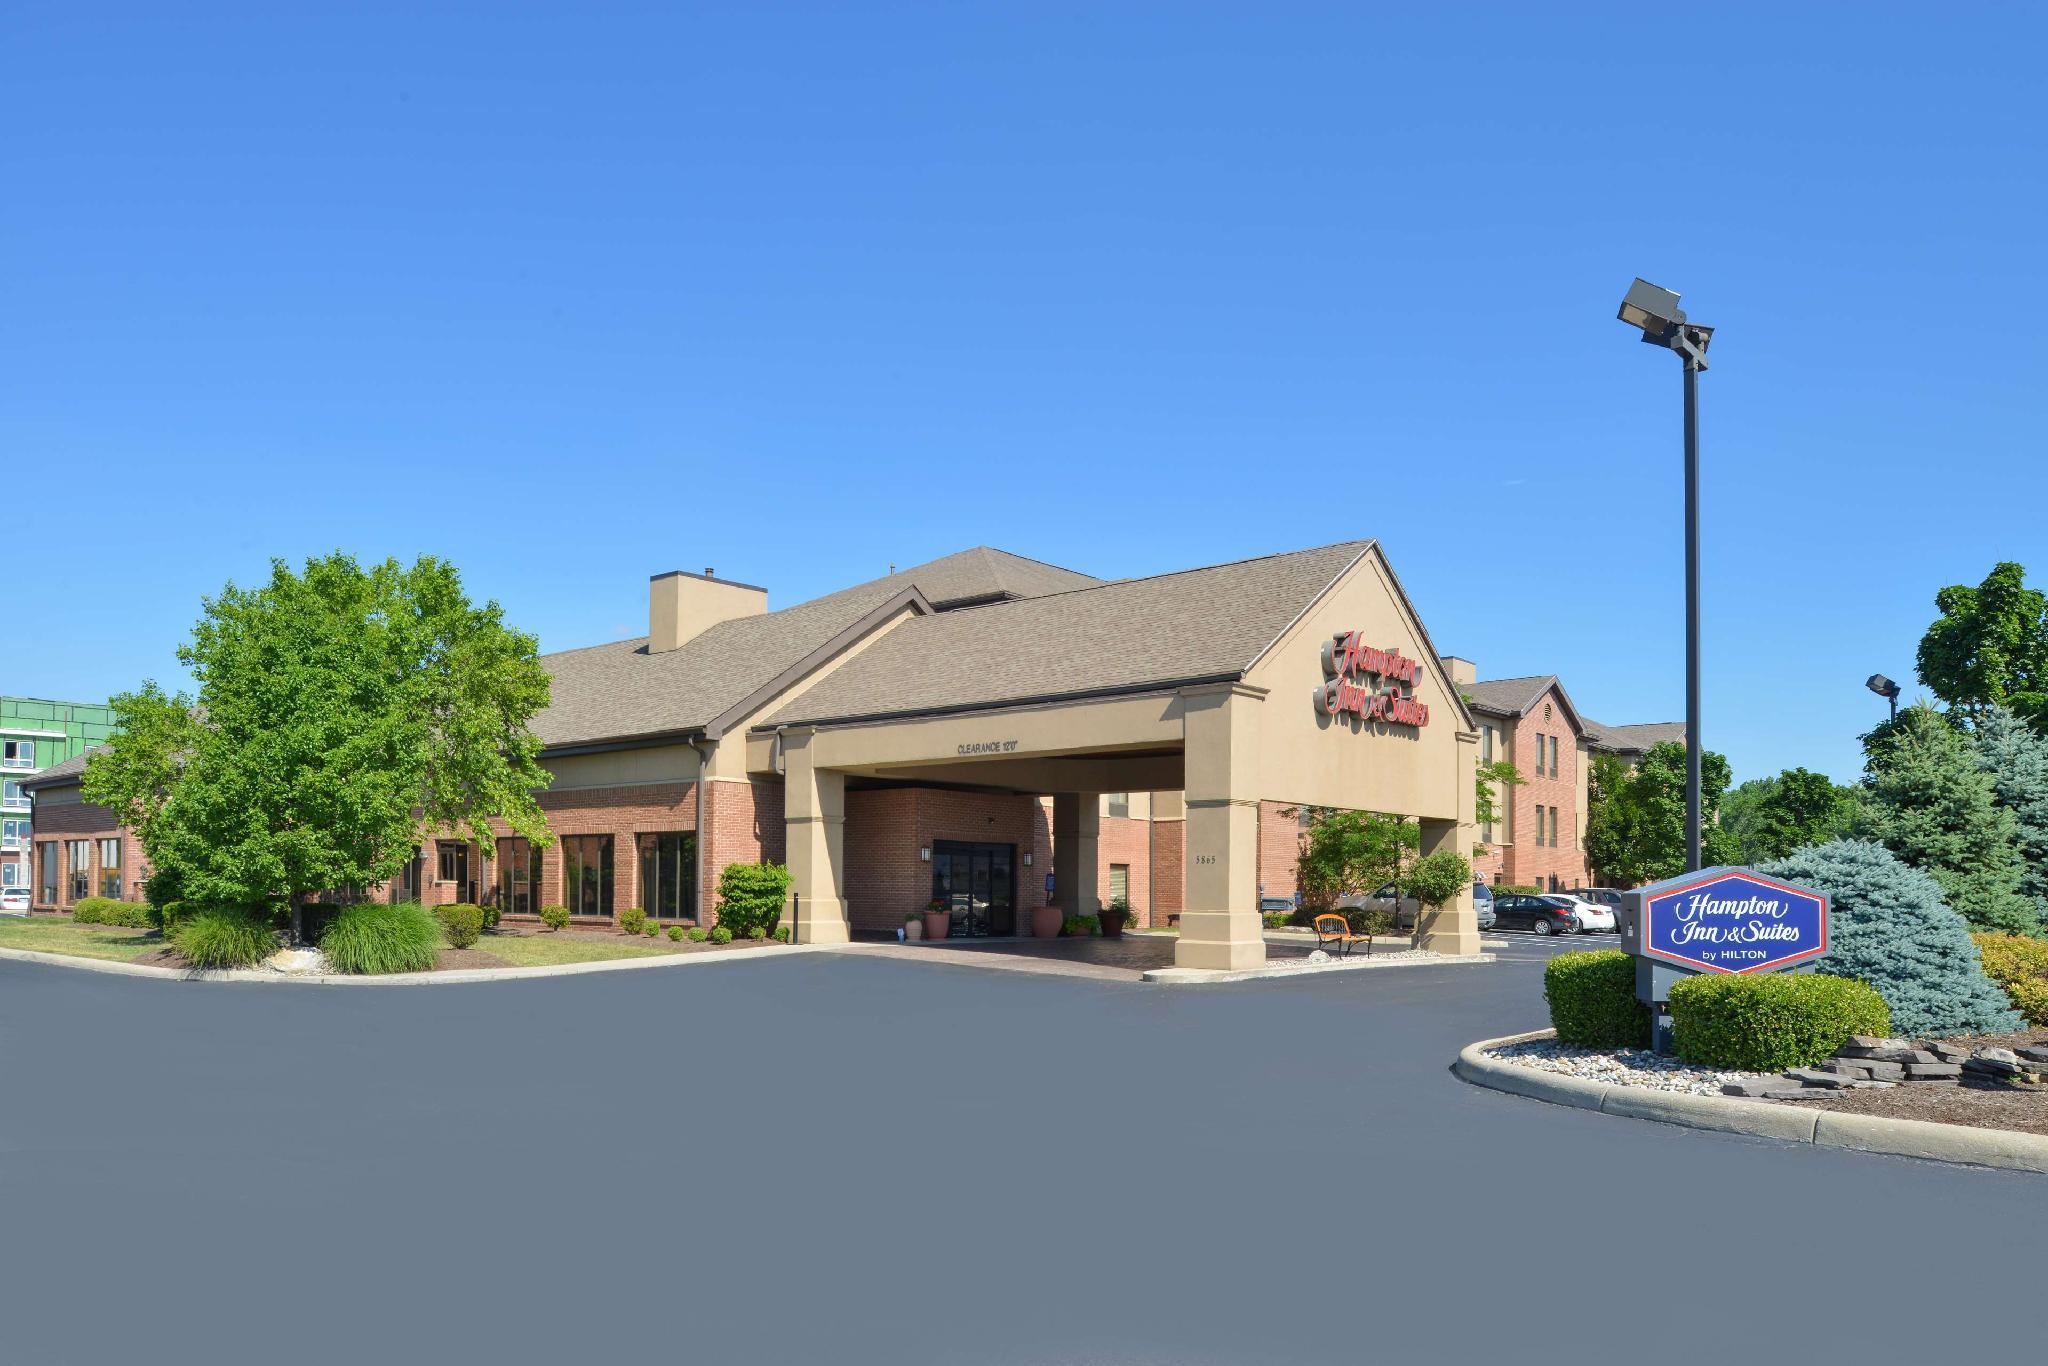 Hampton Inn And Suites Toledo North Hotel